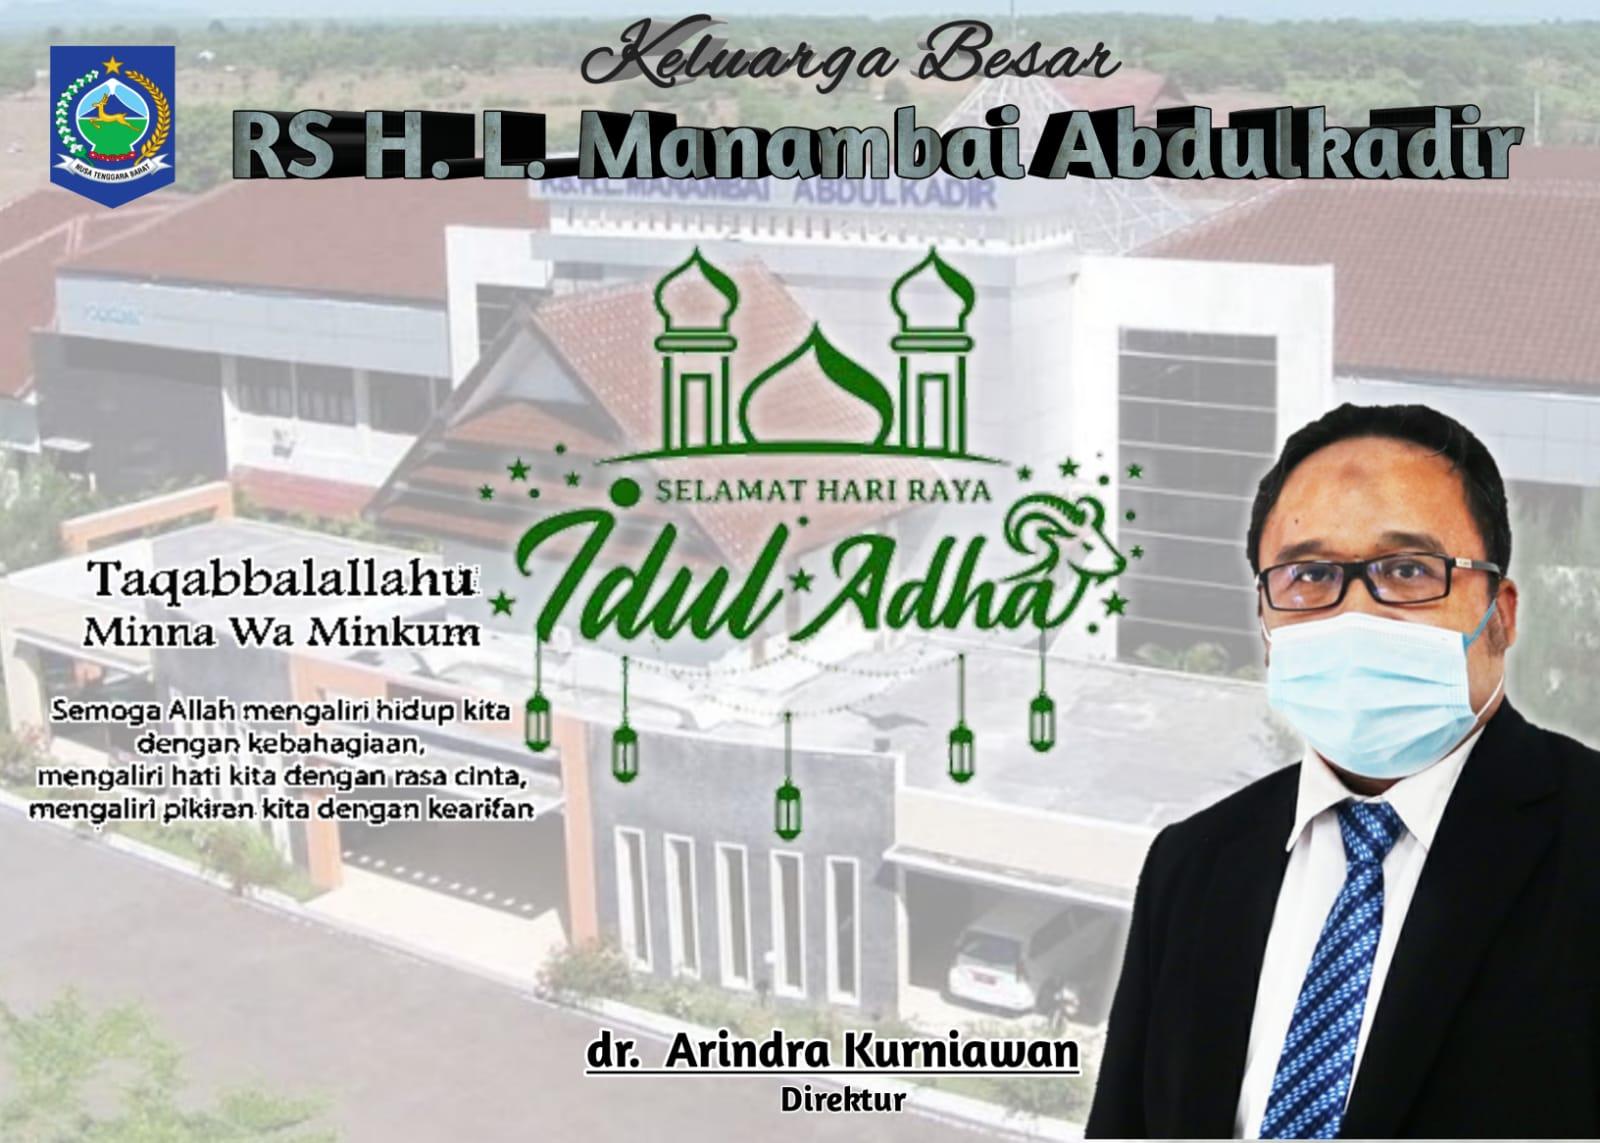 Keluarga Besar RS H.L Manambai Abdul Kadir Mengucapkan Selamat Hari Raya Idul Adha 1442 H